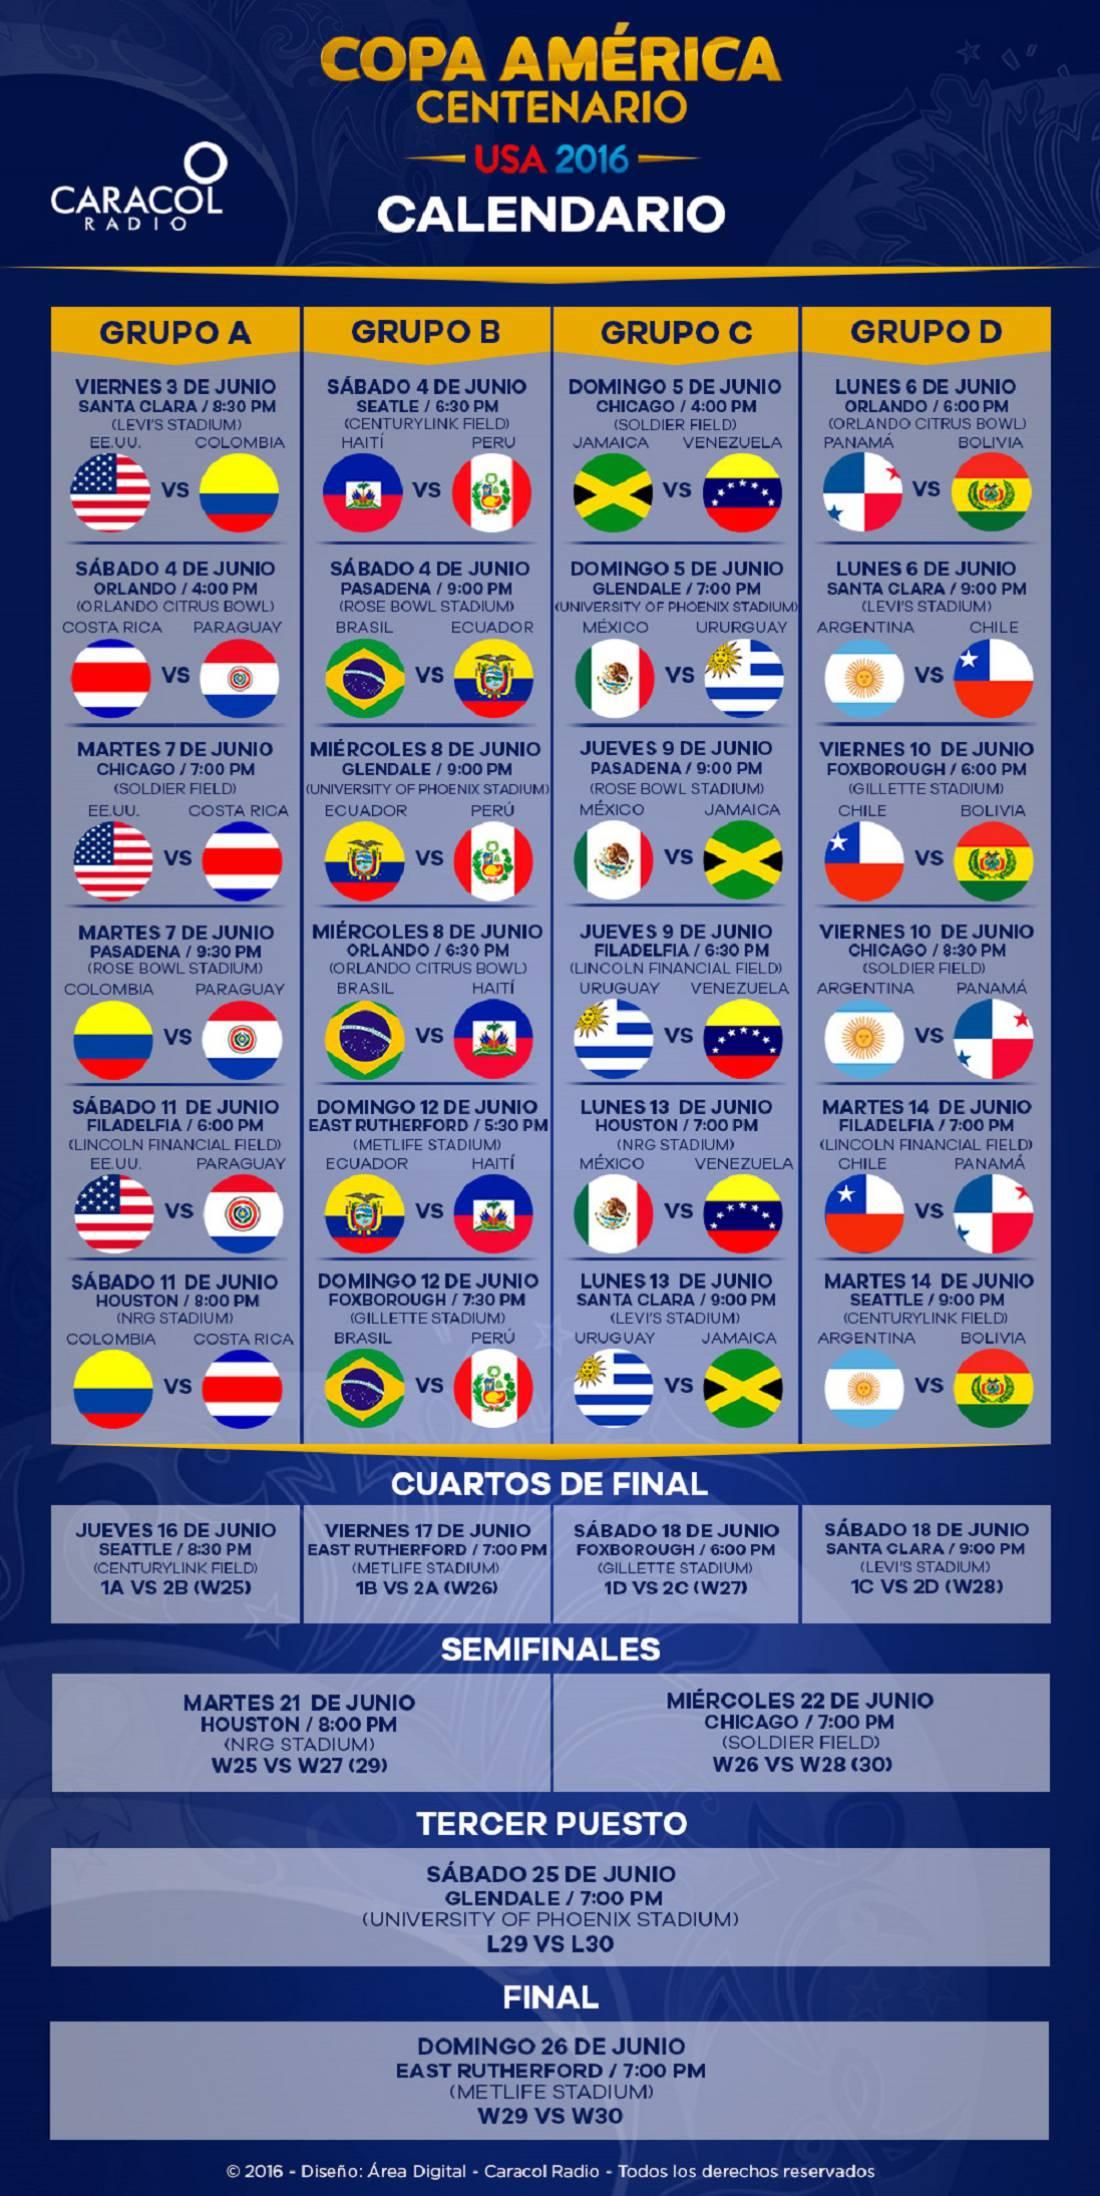 Calendario Copa.Calendario De La Copa America Centenario Infografia Calendario De